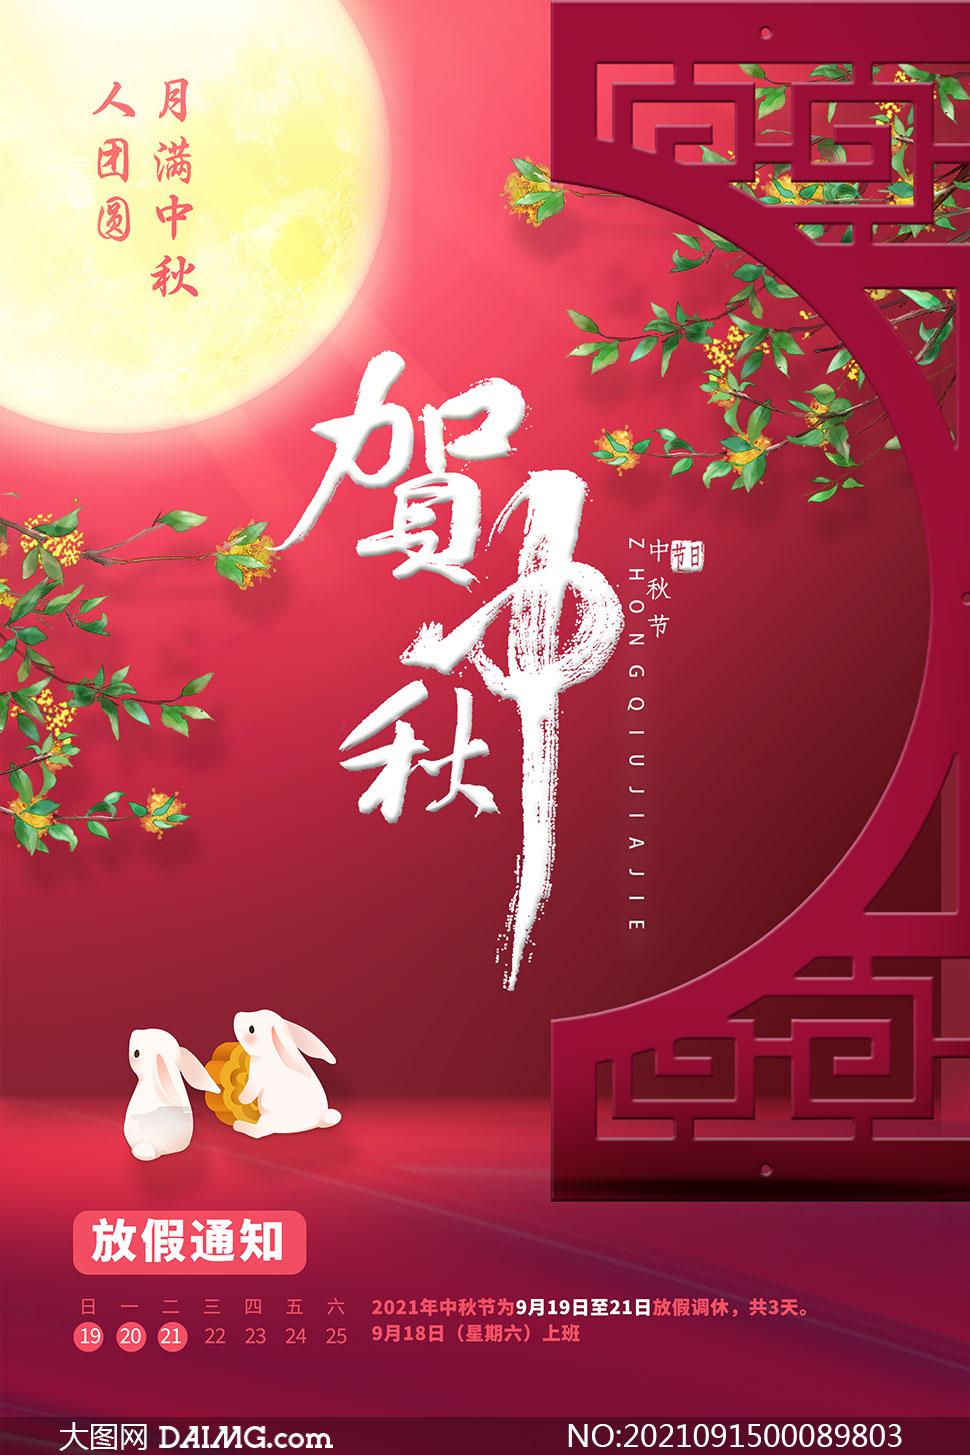 2021贺中秋企业放假通知海报PSD素材